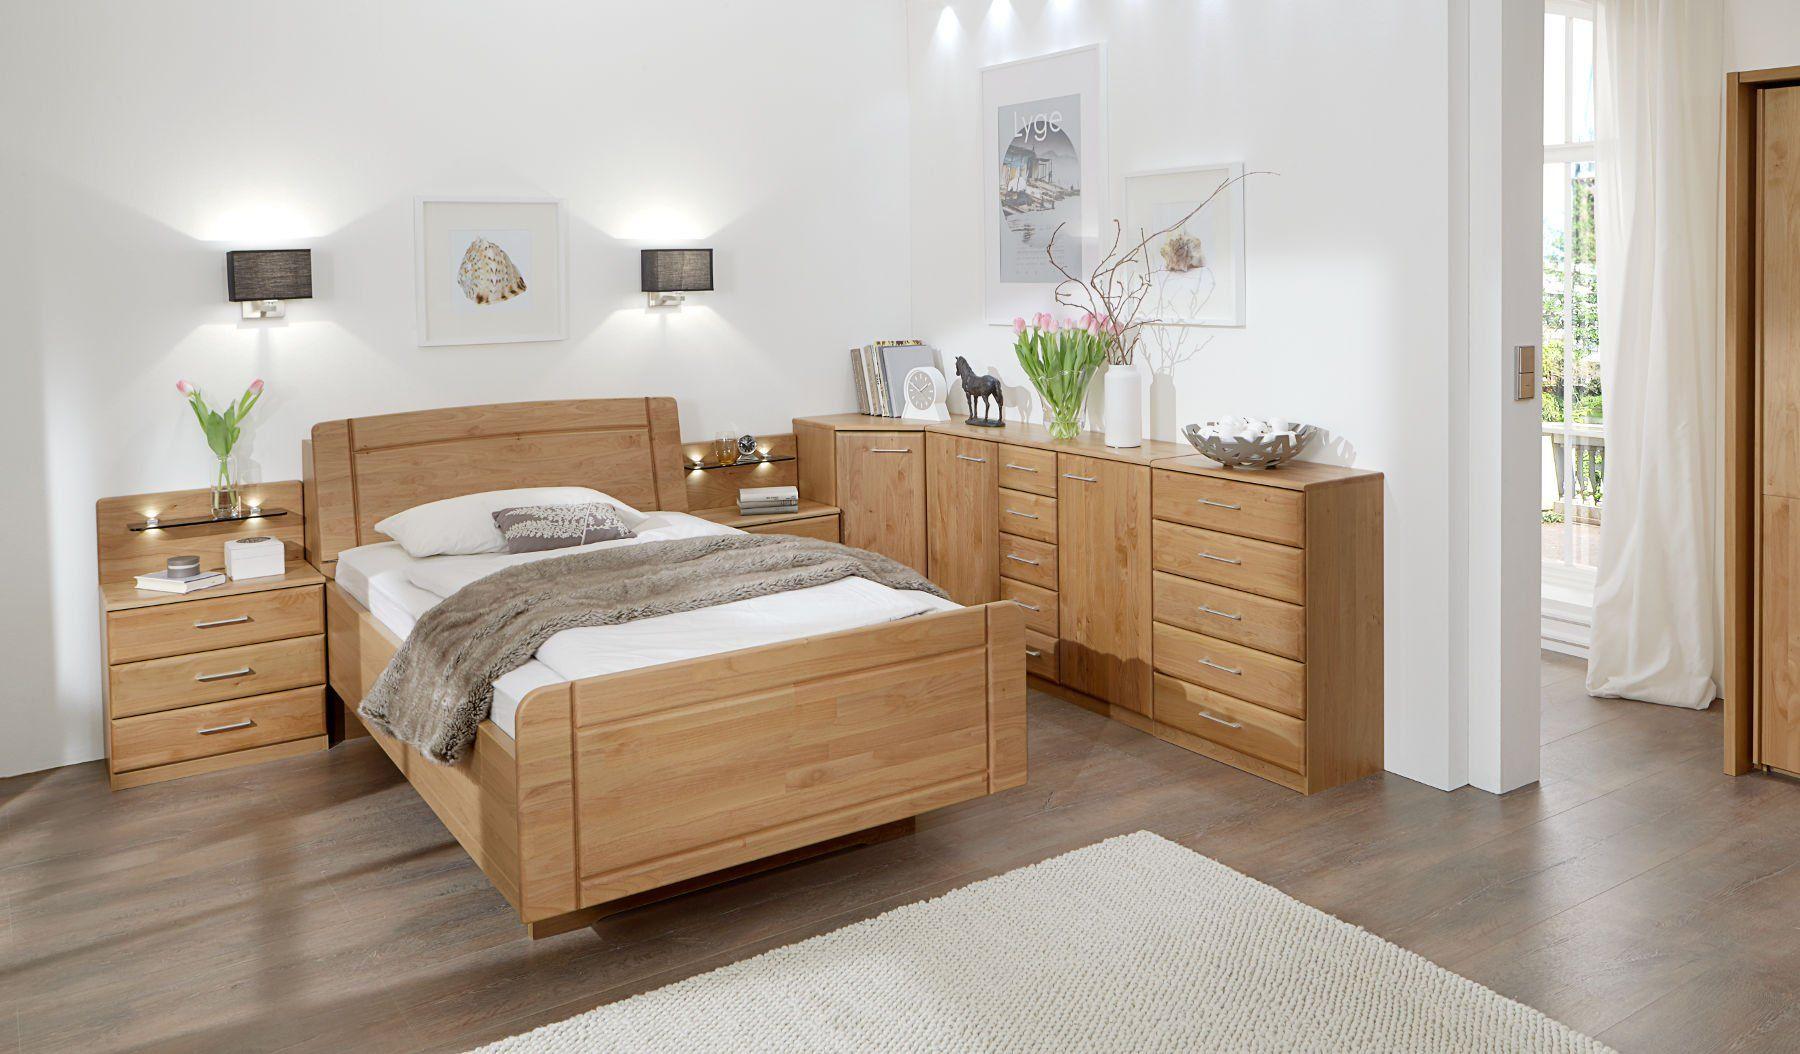 Full Size of Italienische Schlafzimmer Komplettangebote Poco Otto Ikea Günstig Tapeten Deckenleuchte Weißes Set Mit Matratze Und Lattenrost Betten Kronleuchter Weiß Schlafzimmer Schlafzimmer Komplettangebote